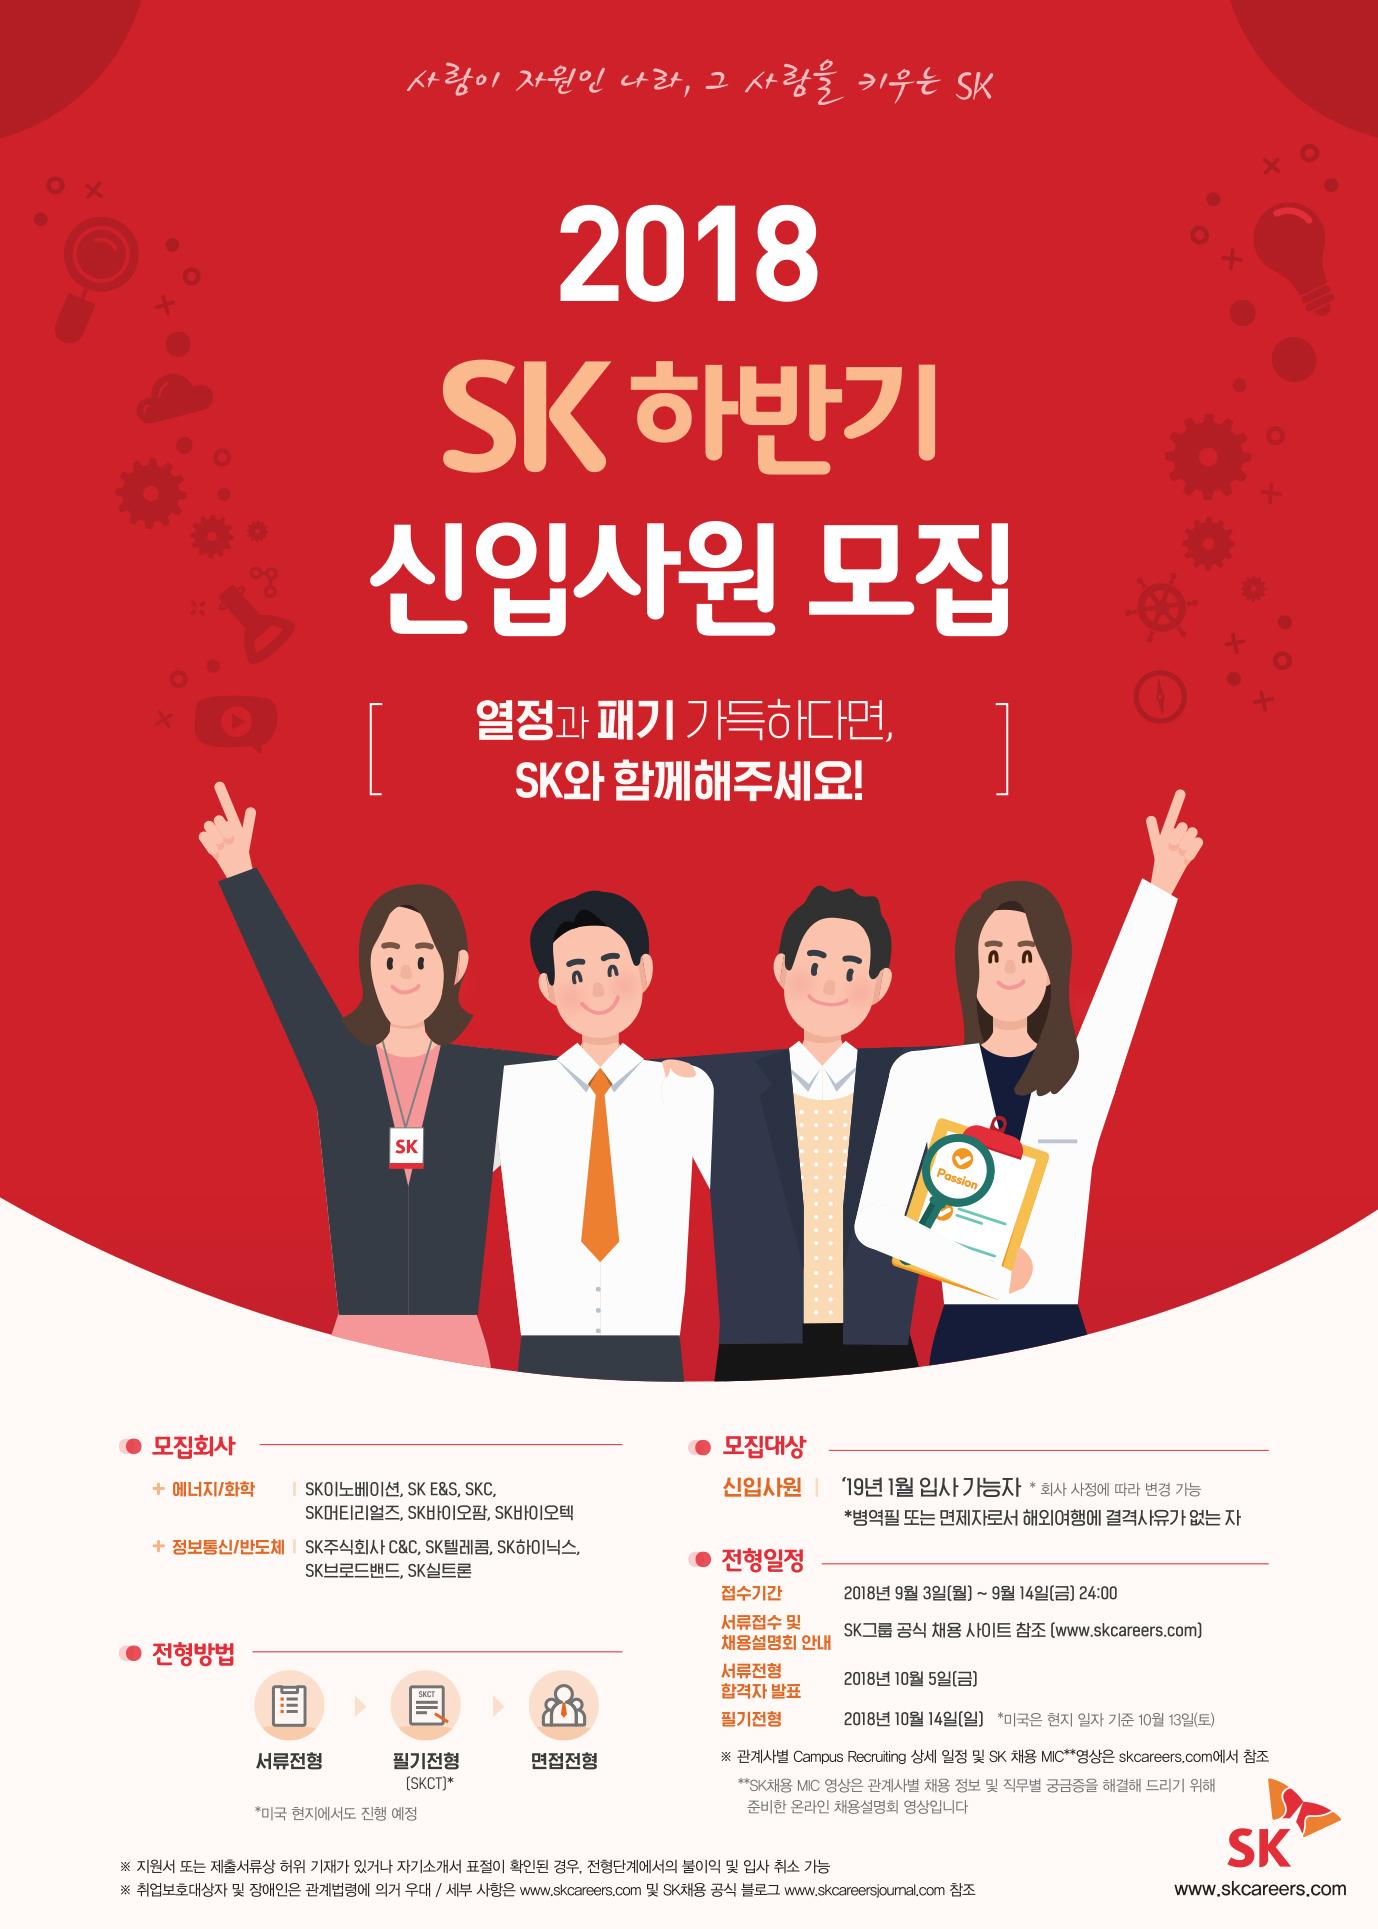 2018 SK 하반기 신입사원 모집 포스터.jpg